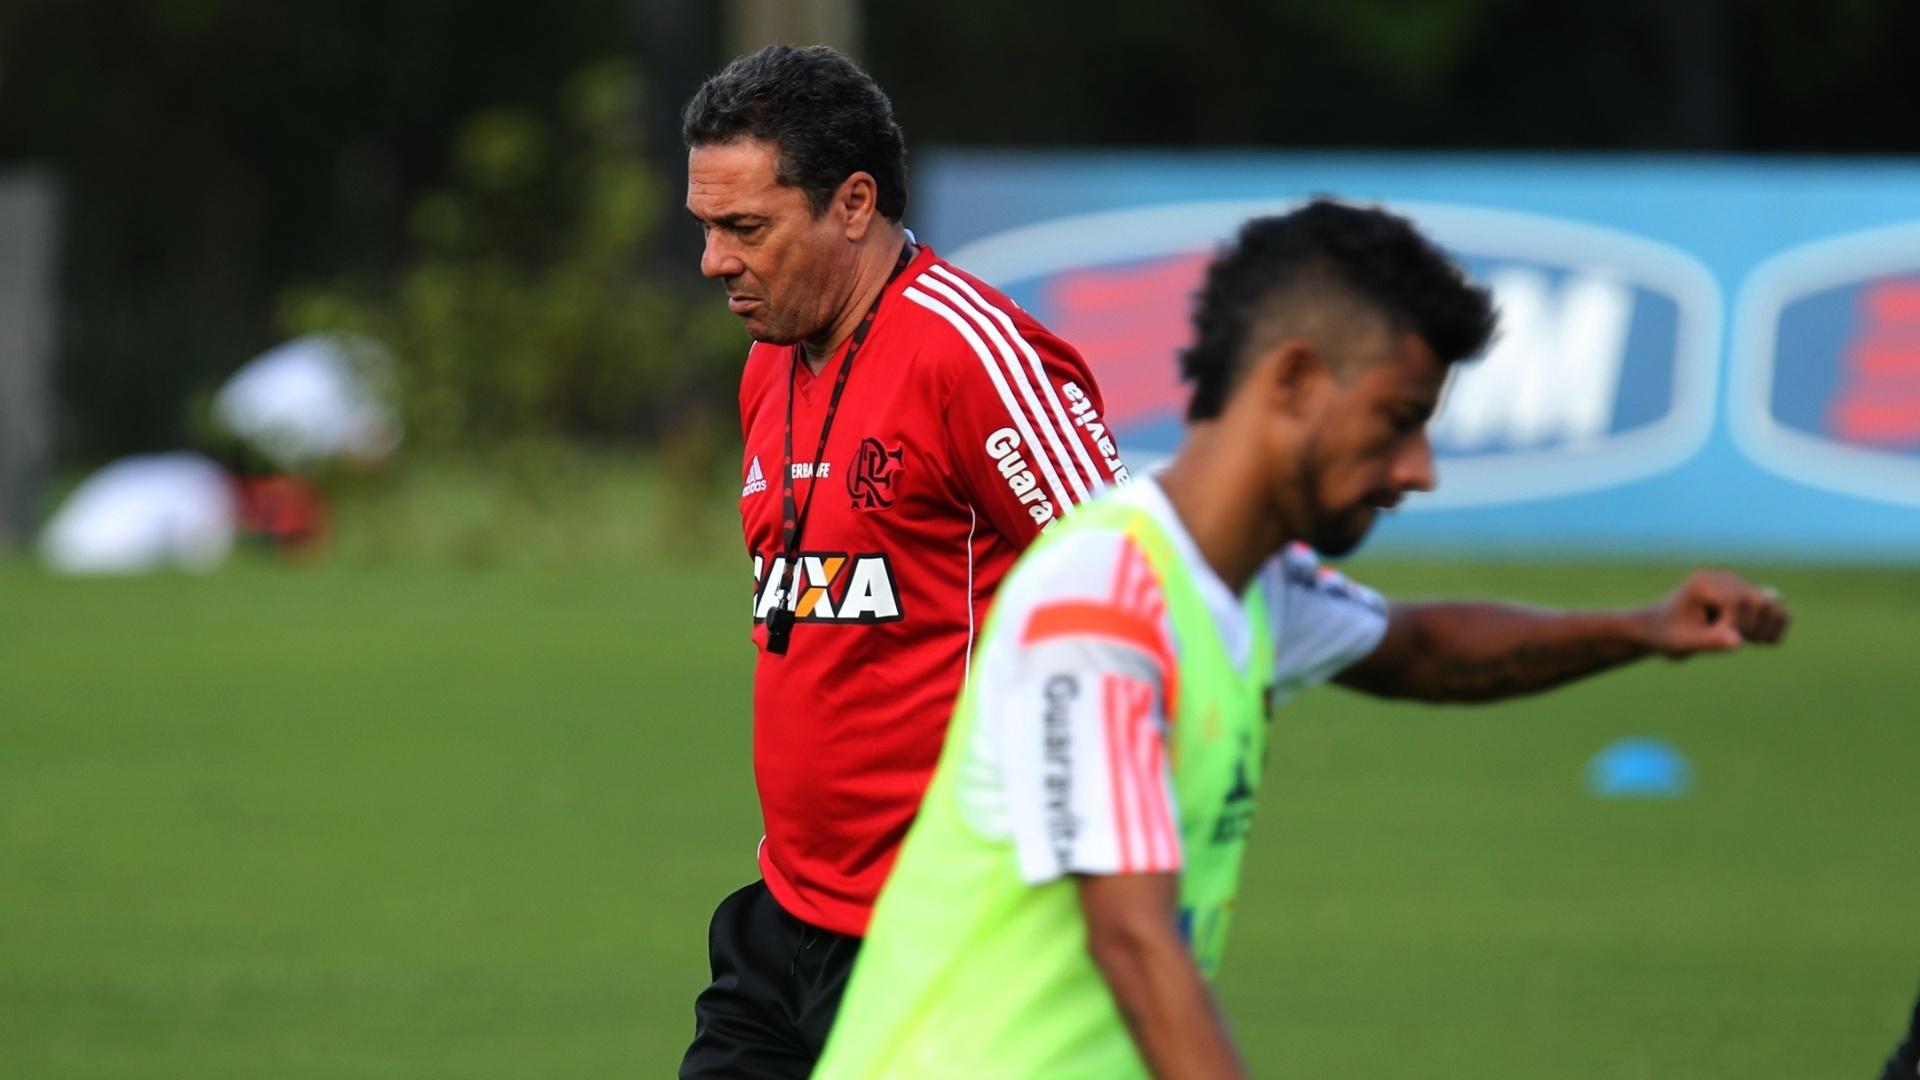 27.out.2014 Vanderlei Luxemburgo caminha pelo CT Ninho do Urubu durante treino do Flamengo antes da semifinal da Copa do Brasil